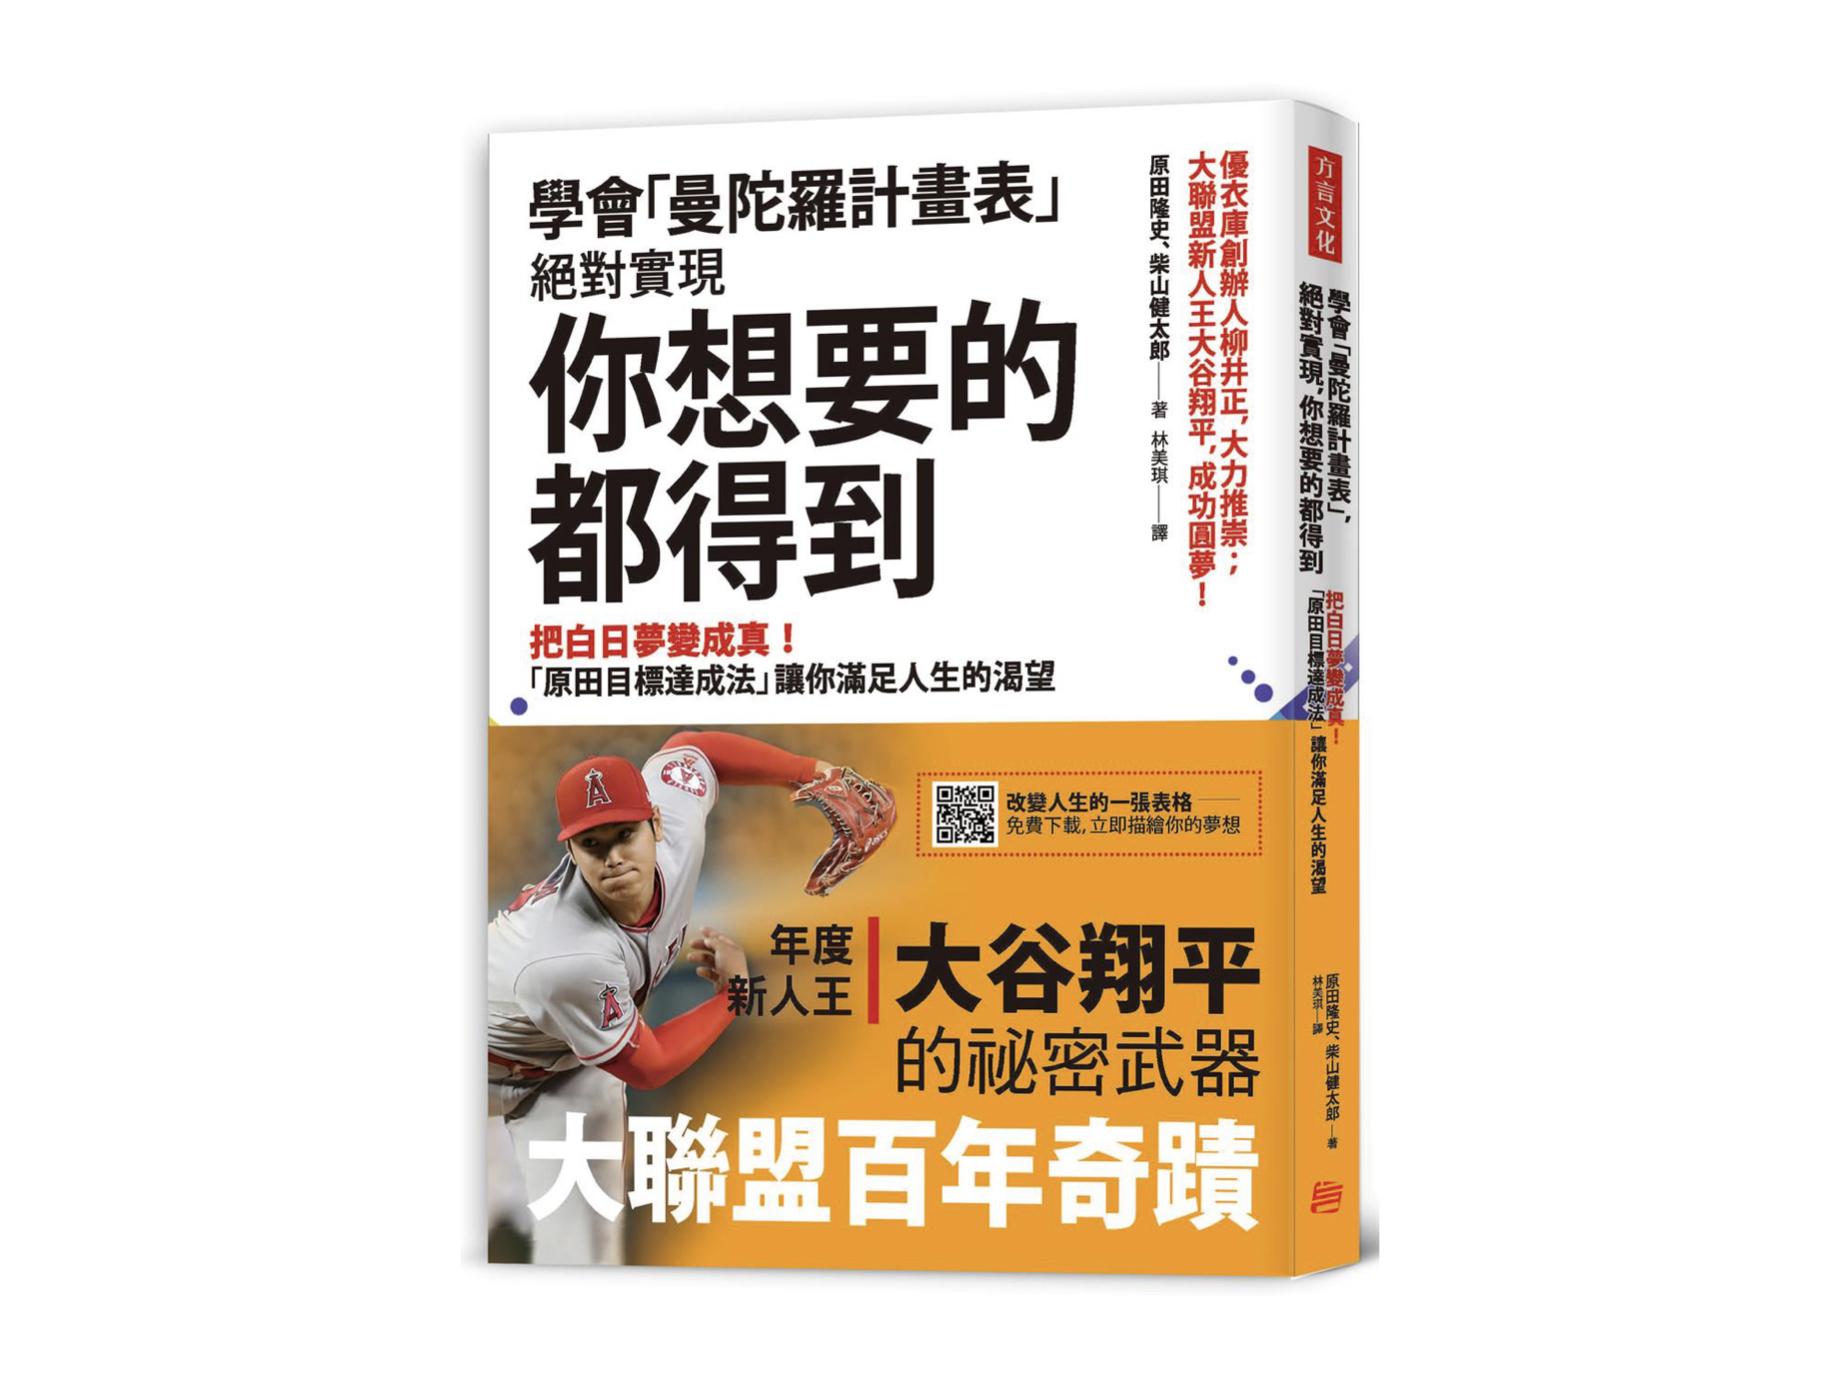 新書搶先看》學會大谷翔平的秘密武器「曼陀羅計劃表」,夢想不受限